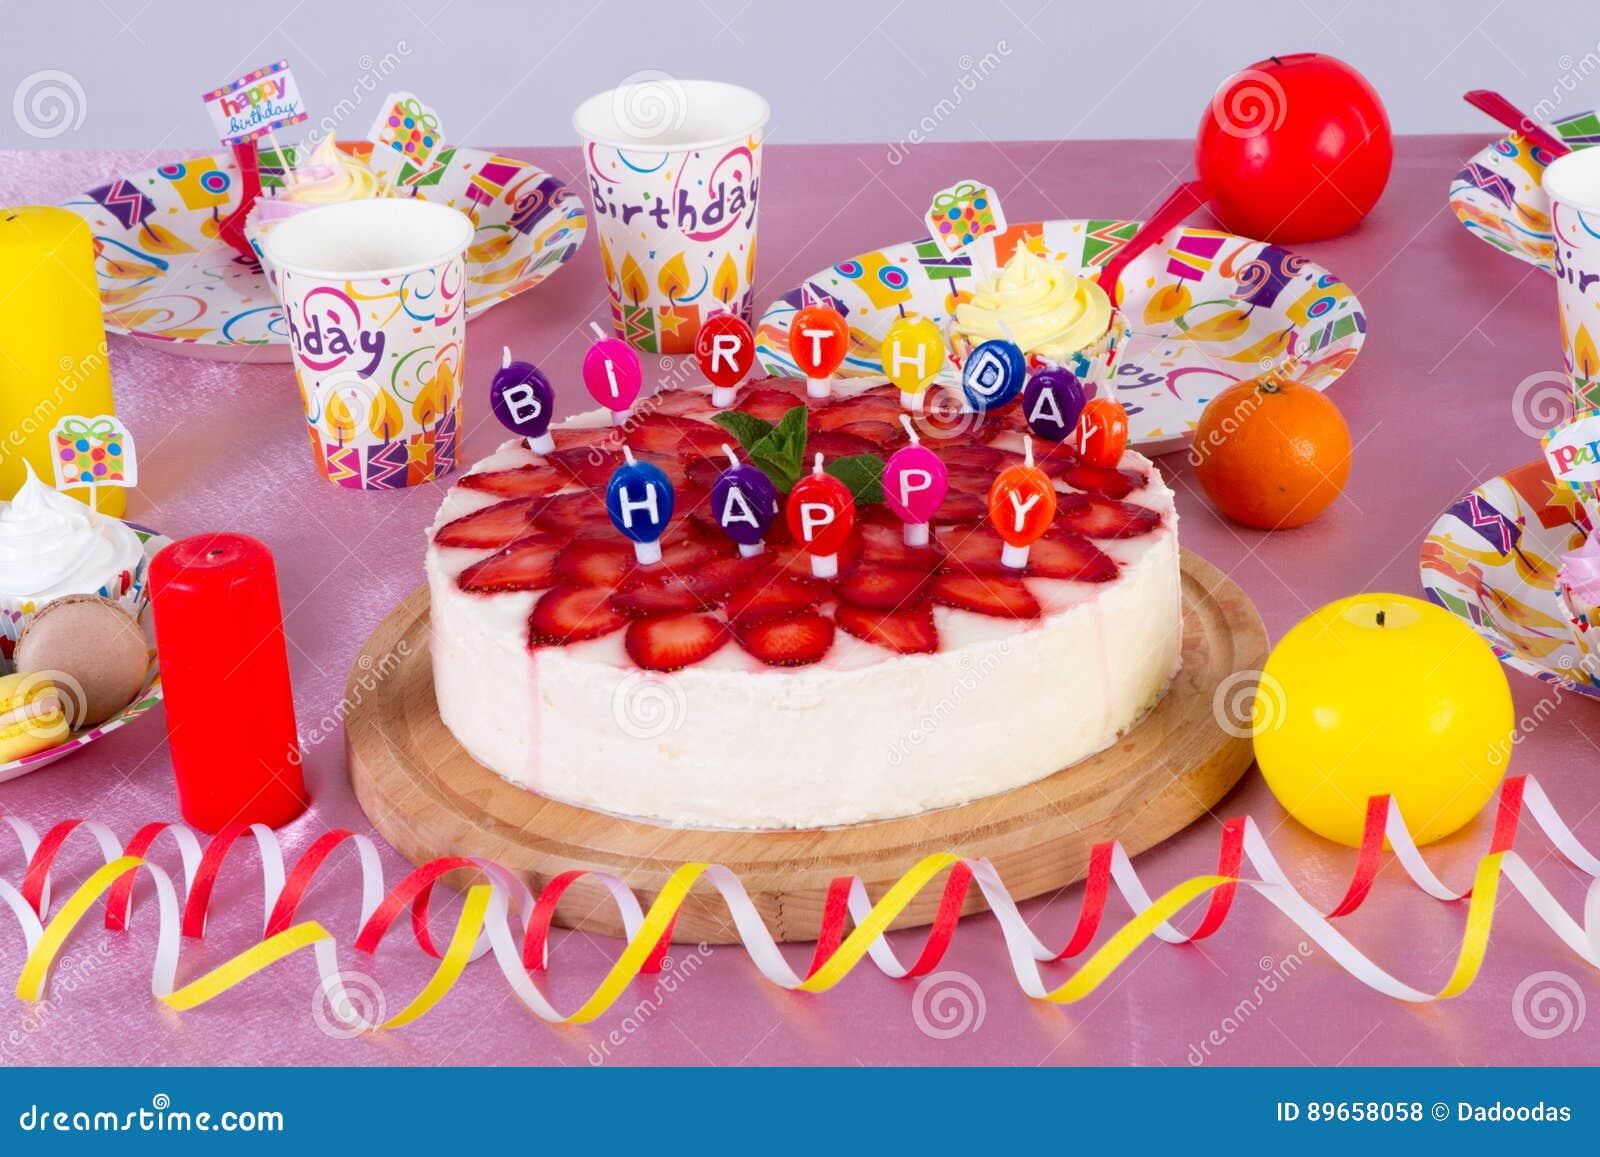 Decorazioni Da Tavolo Per Compleanno : Decorazione variopinta della tavola della festa di compleanno con